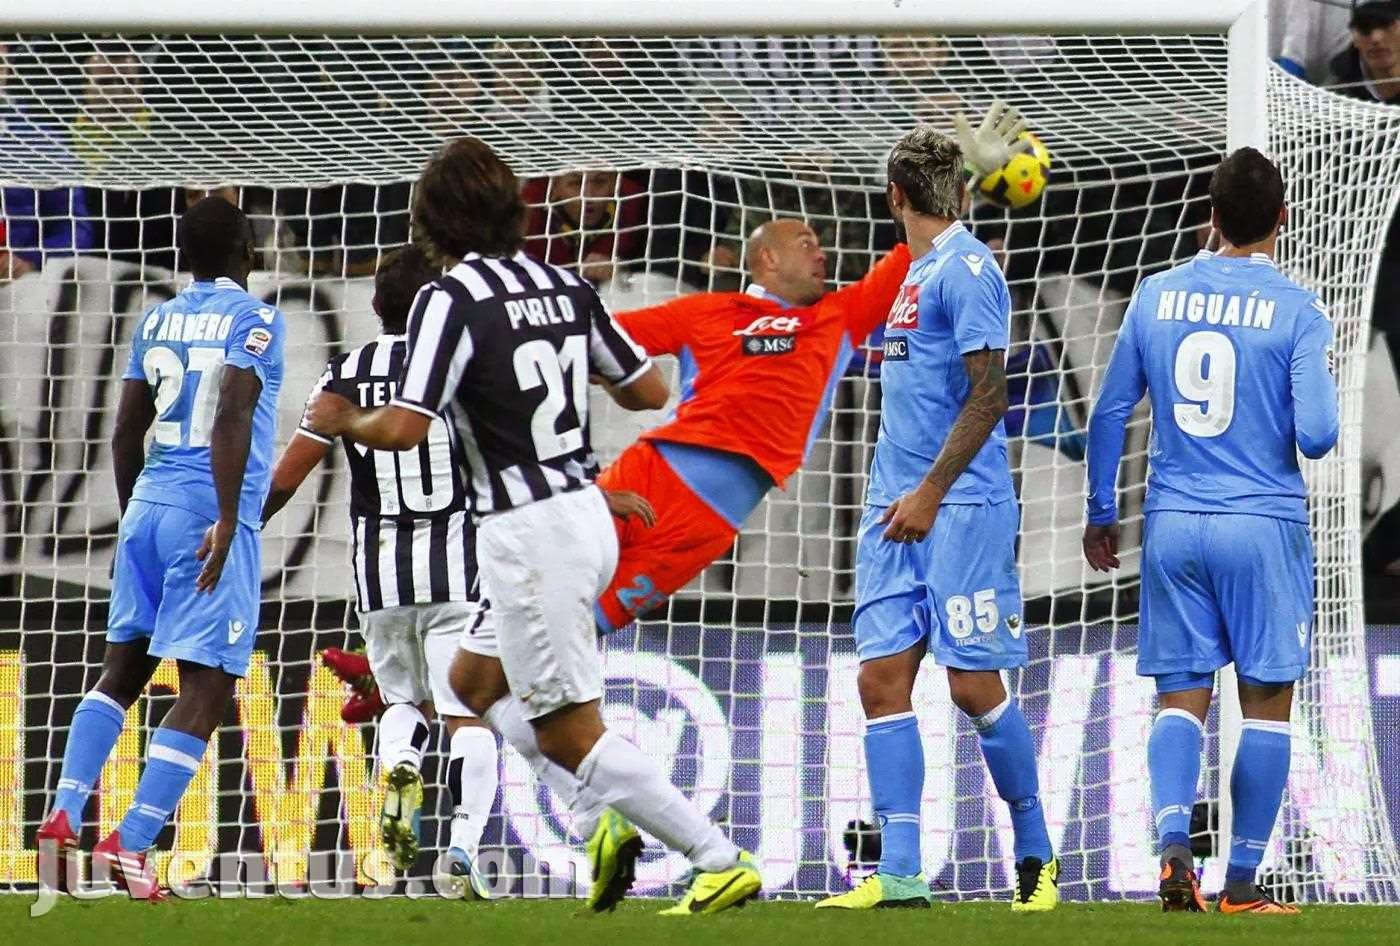 Risultati immagini per andrea pirlo goal Juventus Napoli 2013